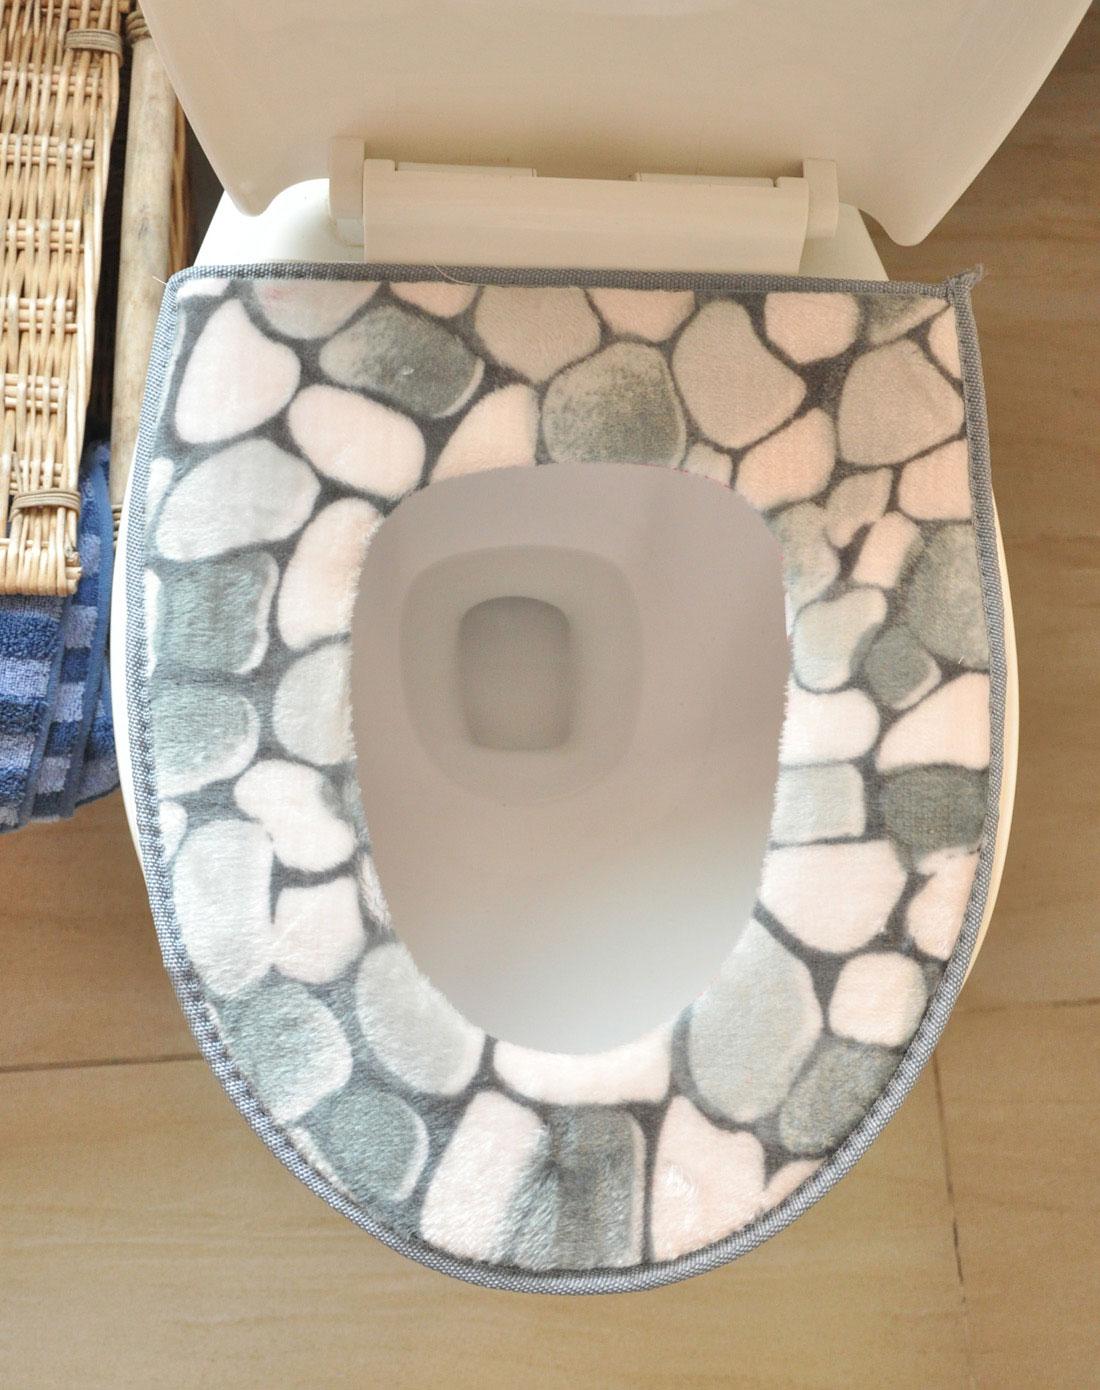 石头纹马桶垫(咖啡两片装); 家友·良品home&friends石头纹马桶垫(灰